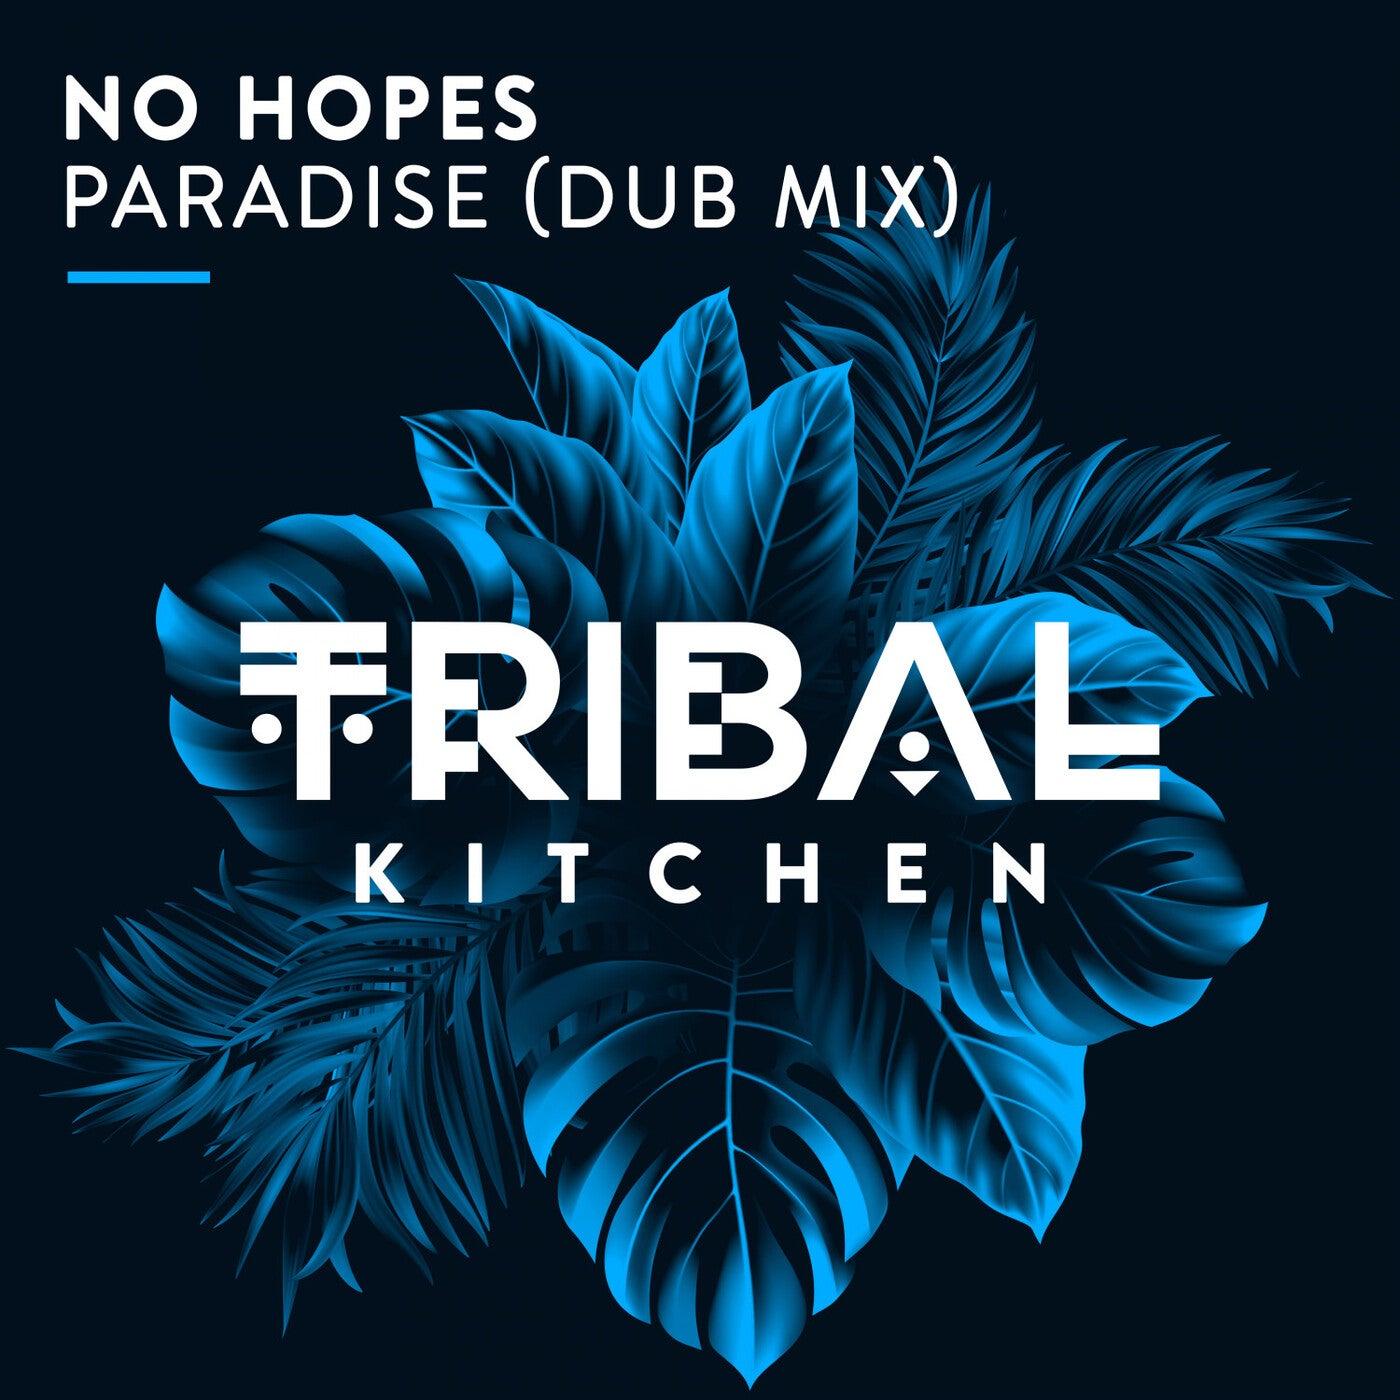 Paradise (Dub Mix)